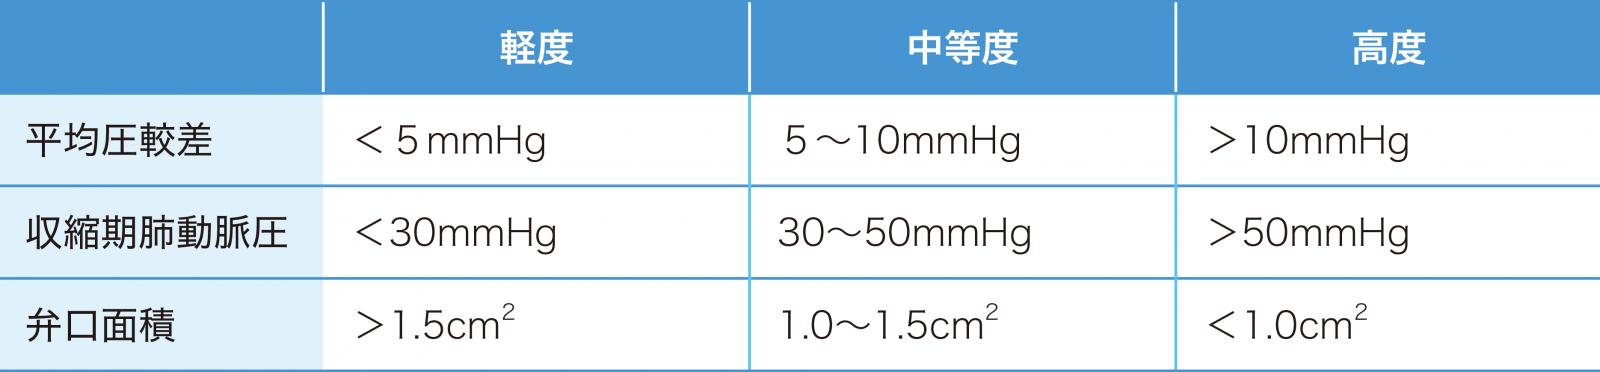 僧帽弁狭窄症の重症度分類